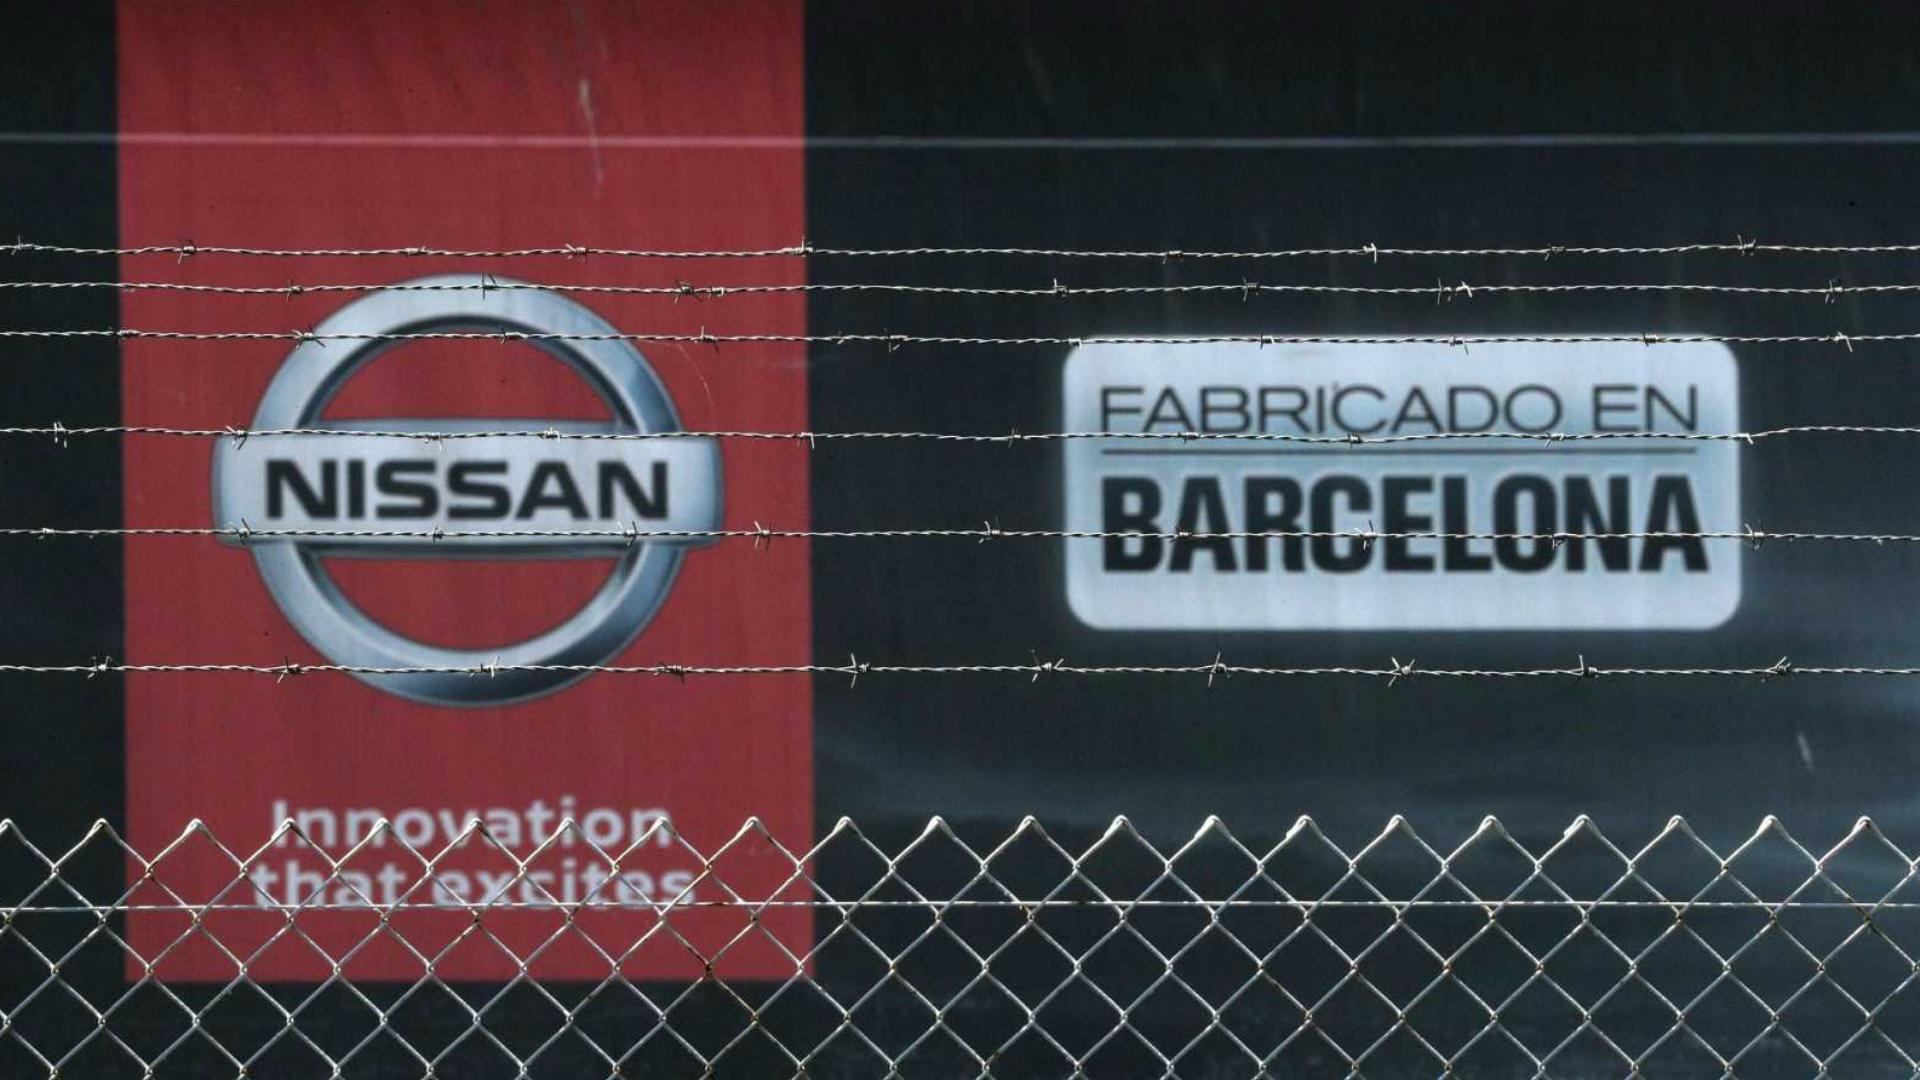 nissan-cerrara-su-planta-de-barcelona-en-diciembre-y-dejara-a-3.000-personas-sin-trabajo